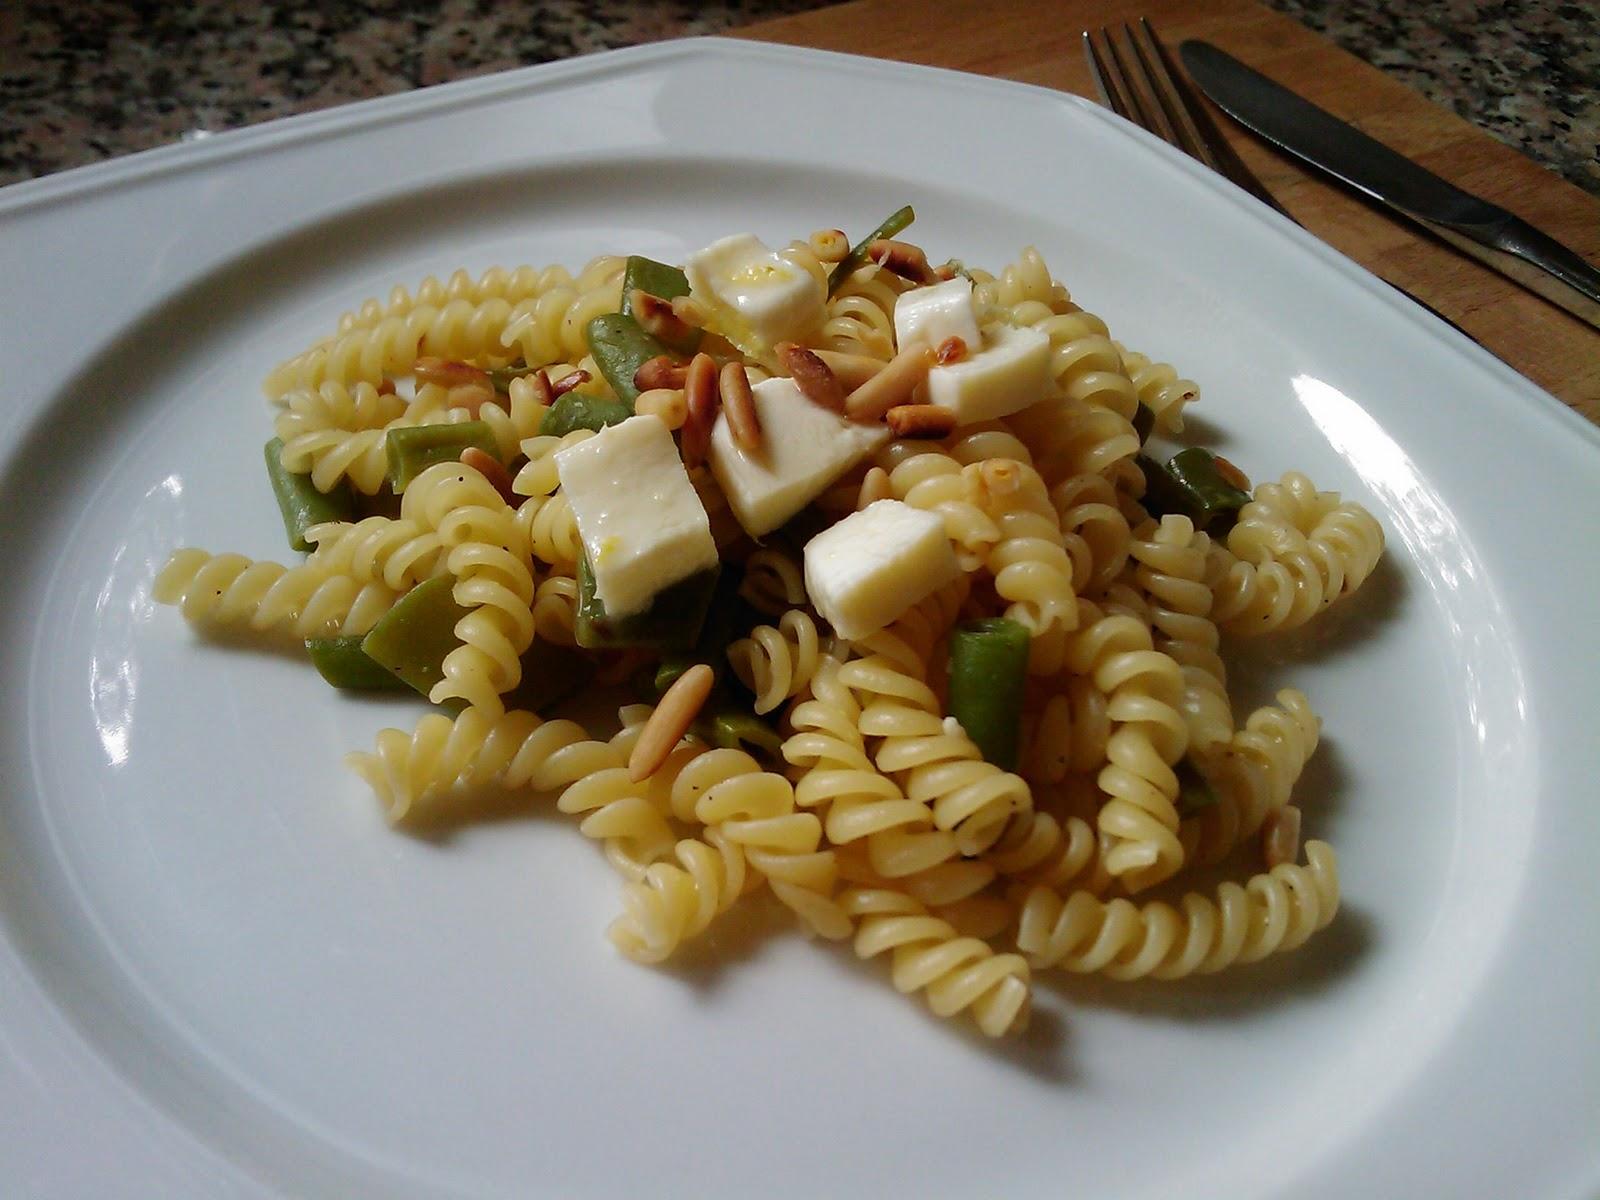 miri 39 s kitchen pasta mit gr nen bohnen und zitronen mozzarella. Black Bedroom Furniture Sets. Home Design Ideas